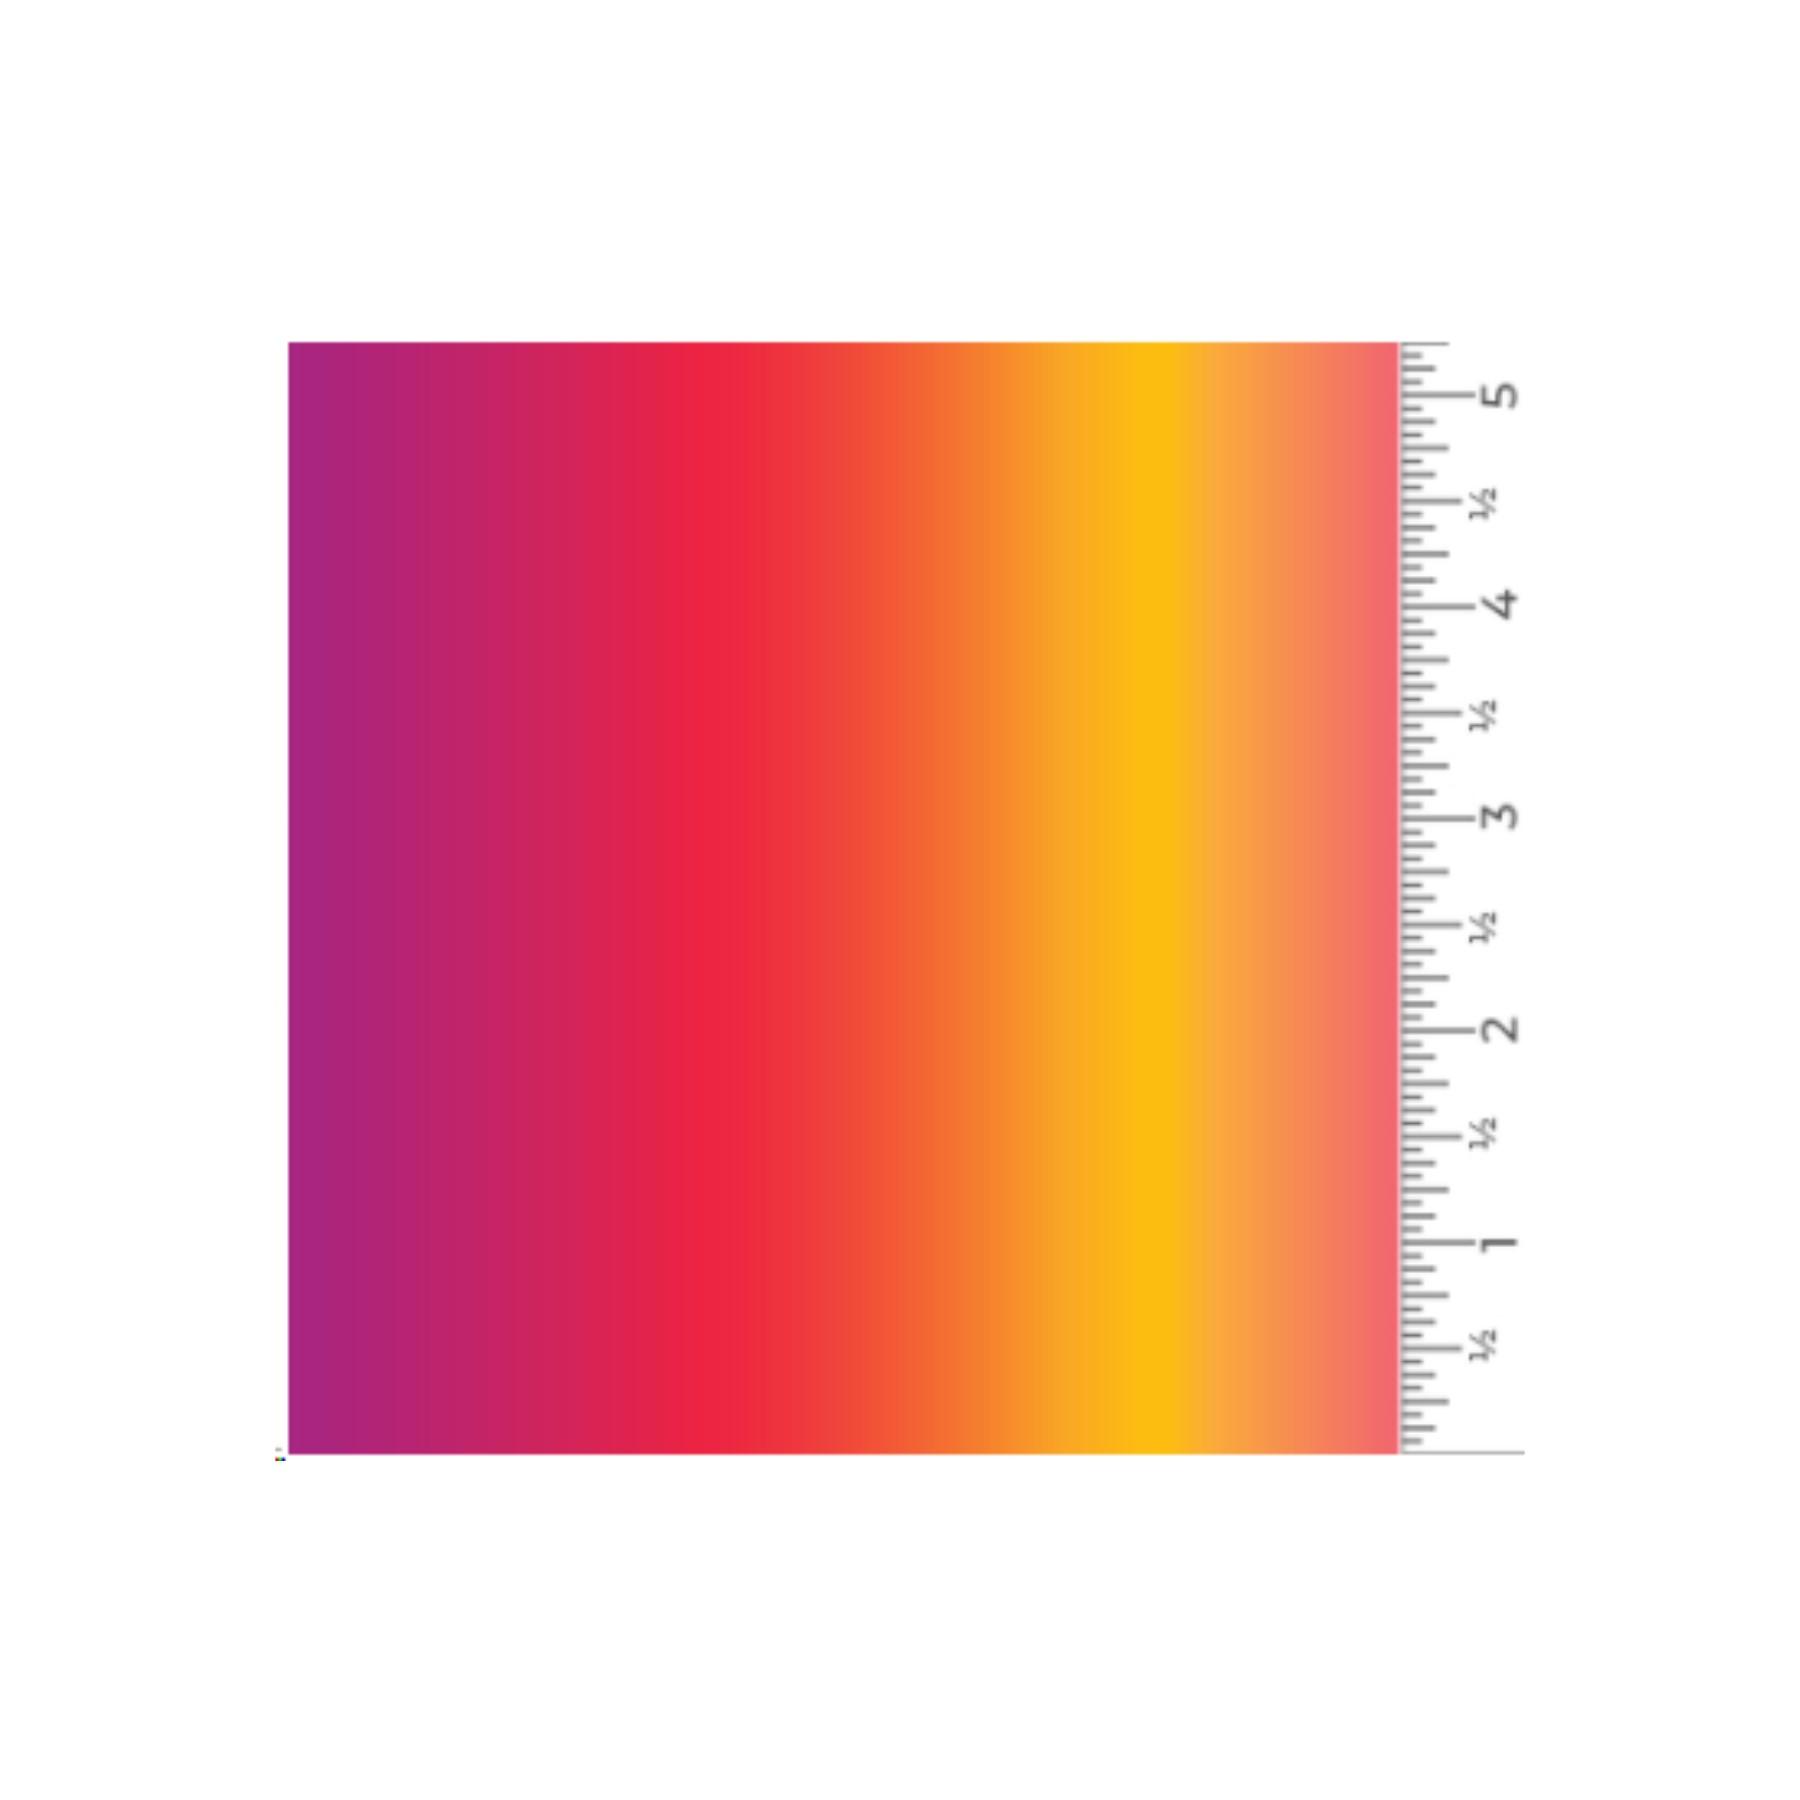 Vinilo textil diseños EasyPatterns® 30 x 50 cm Puesta de sol